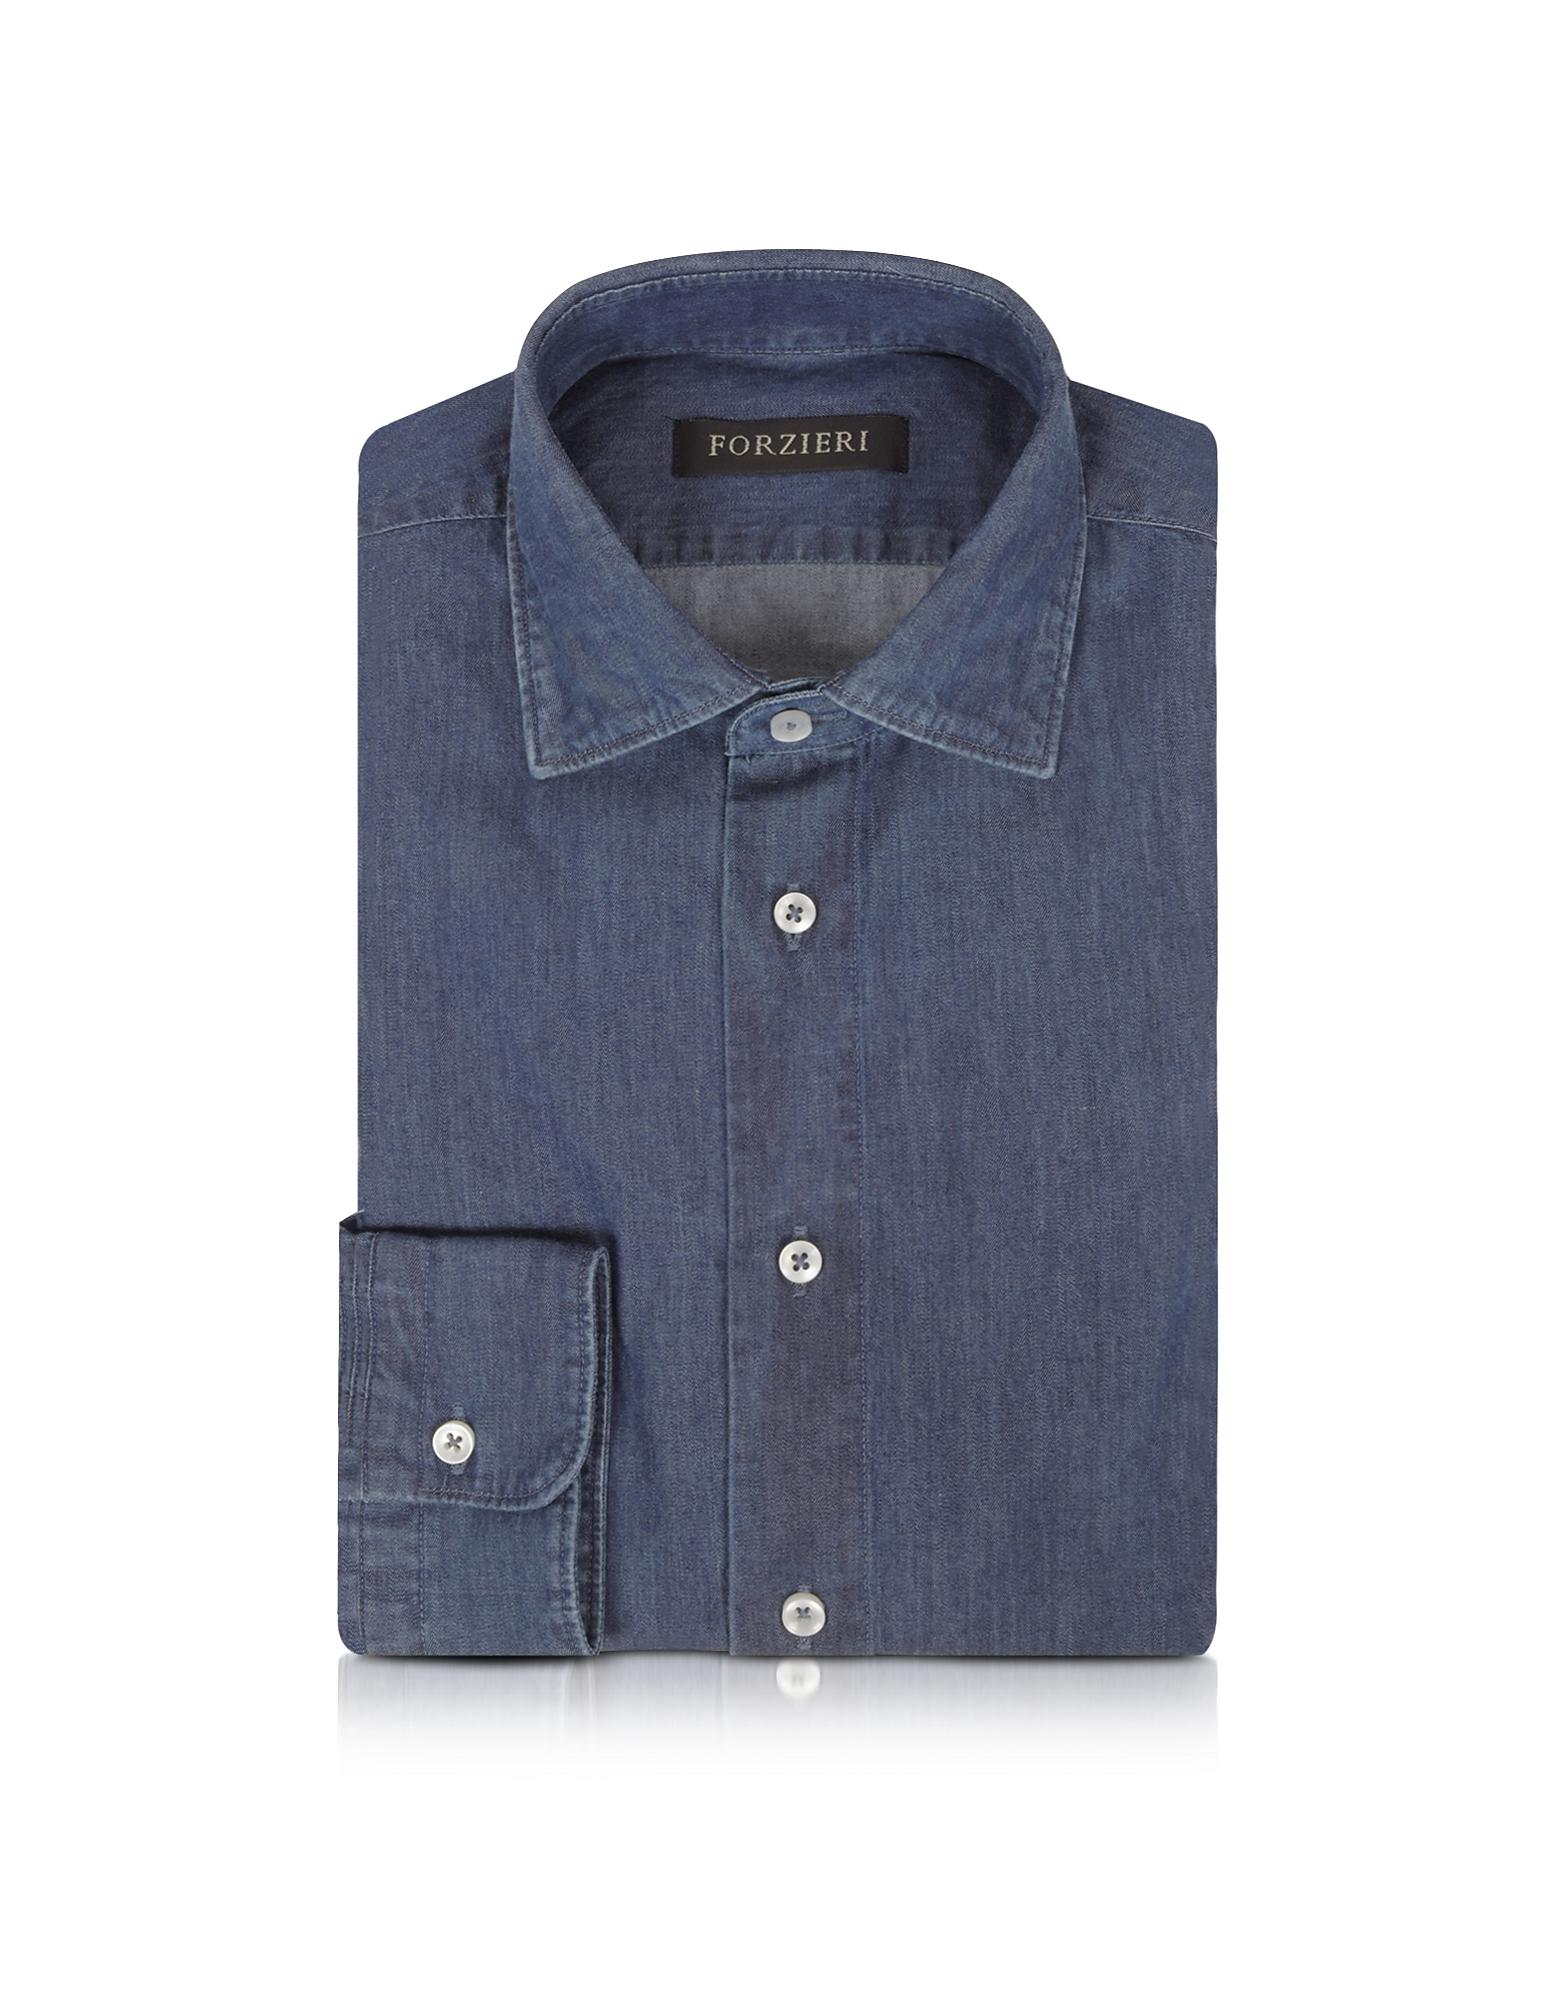 Solid Blue Jeans Cotton Slim Fit Men's Shirt